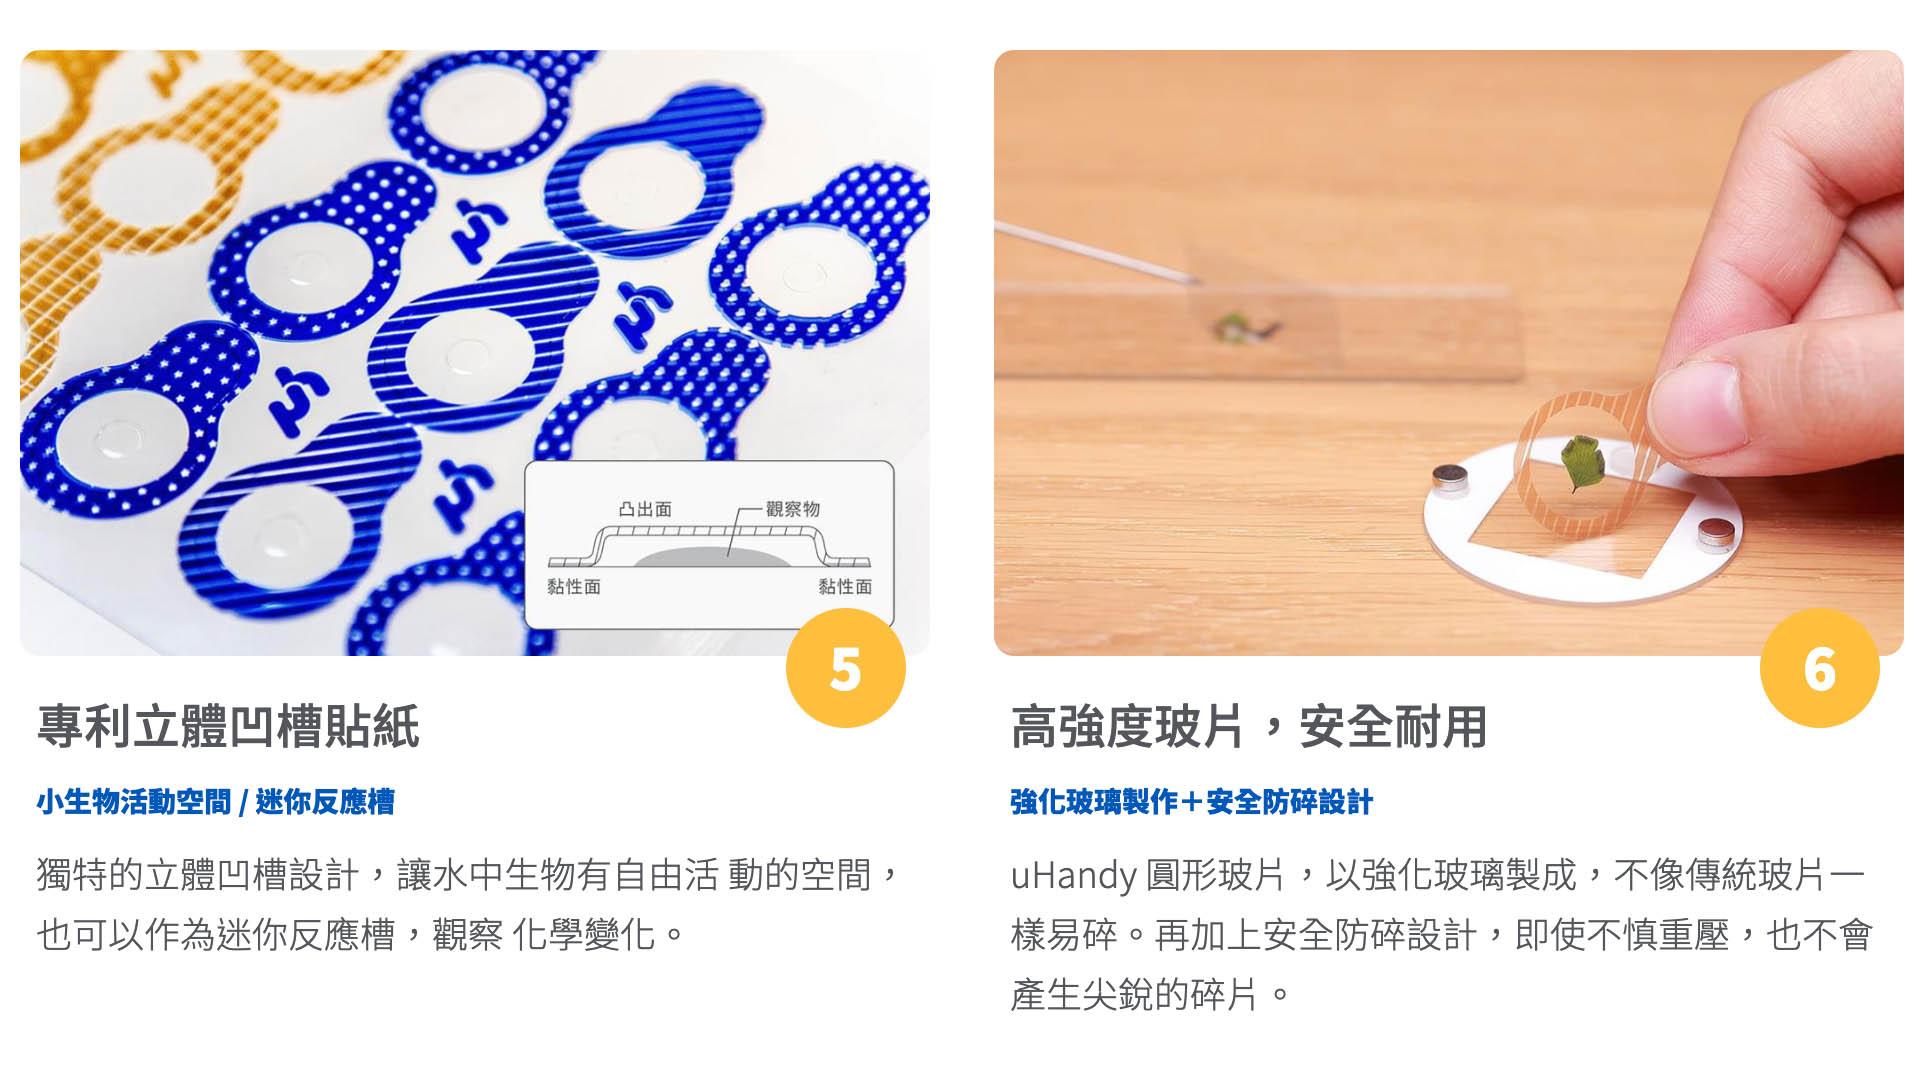 最受歡迎的 6 大產品特色(5&6)